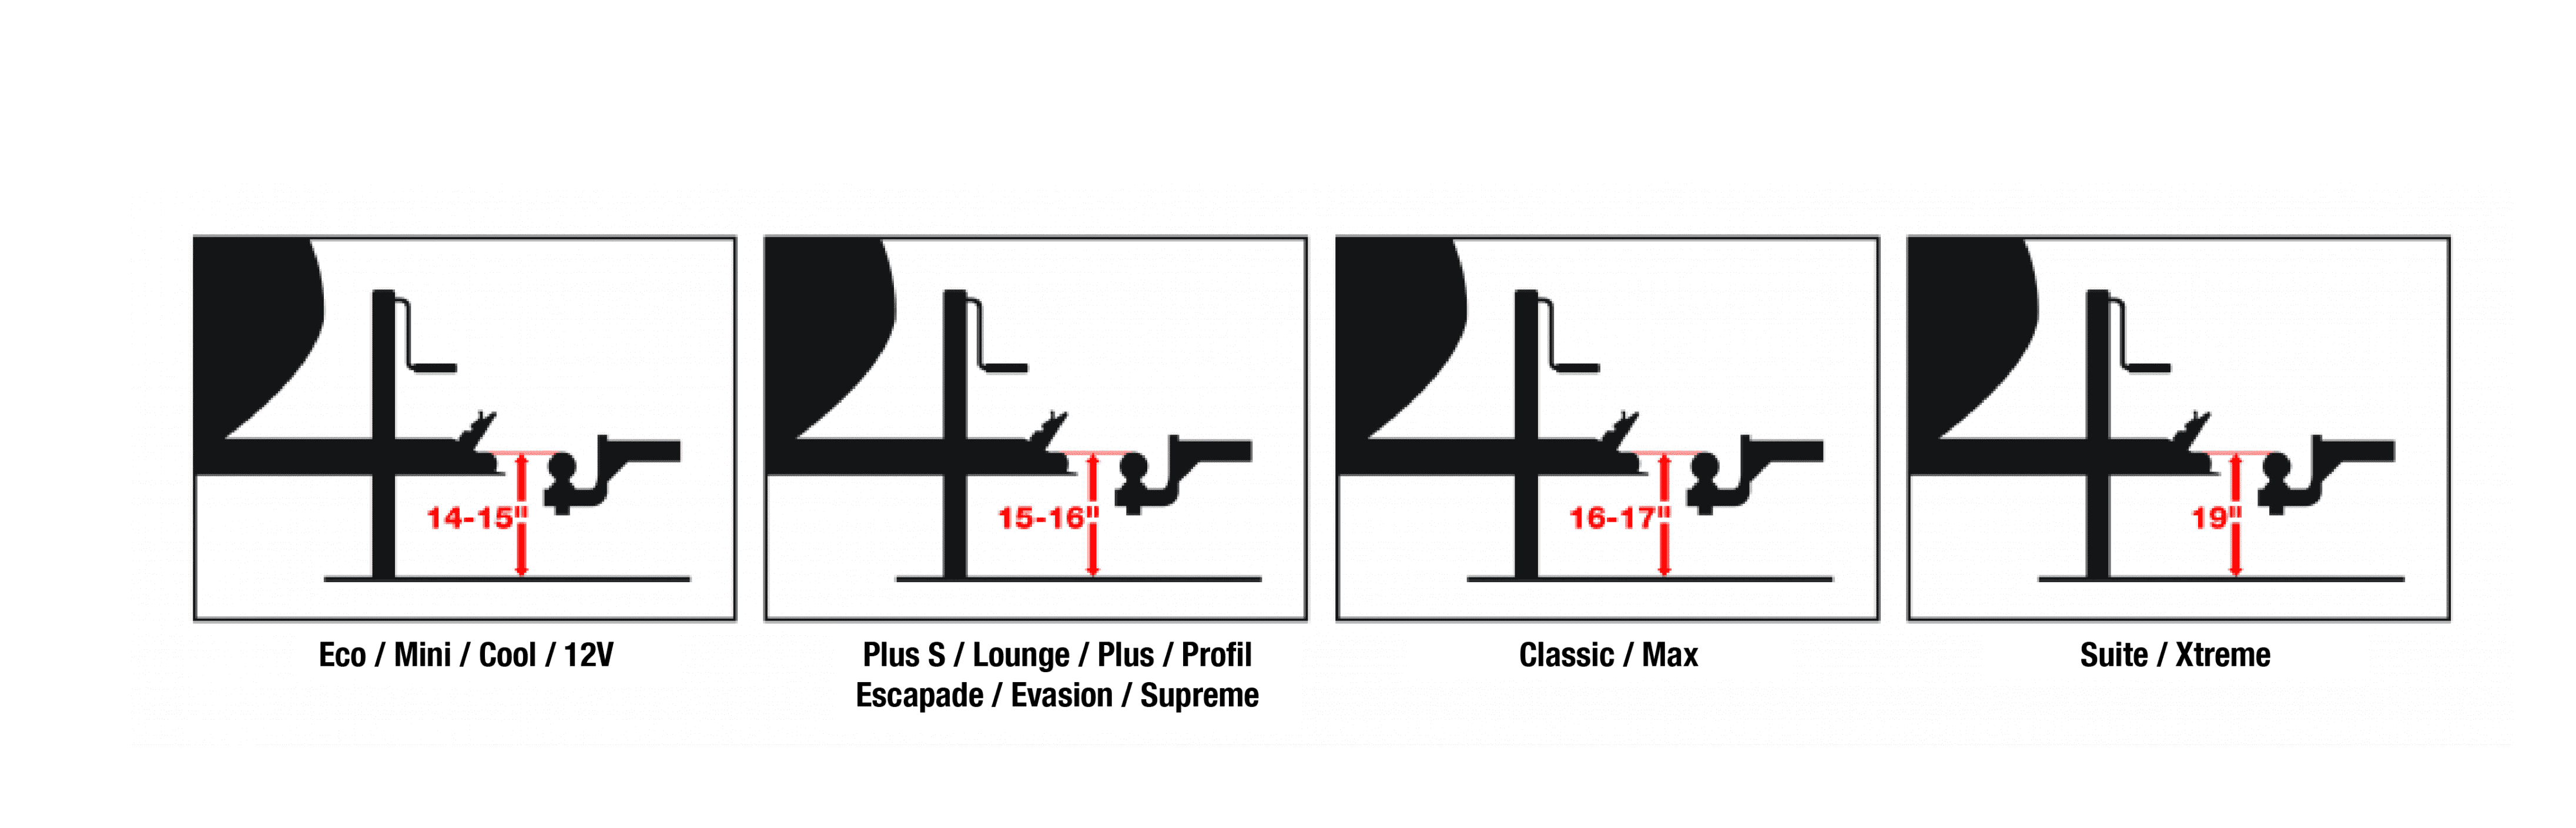 hauteur-de-boule-roulottes-prolite-2020.png (March 11 2020 15:55:26.)